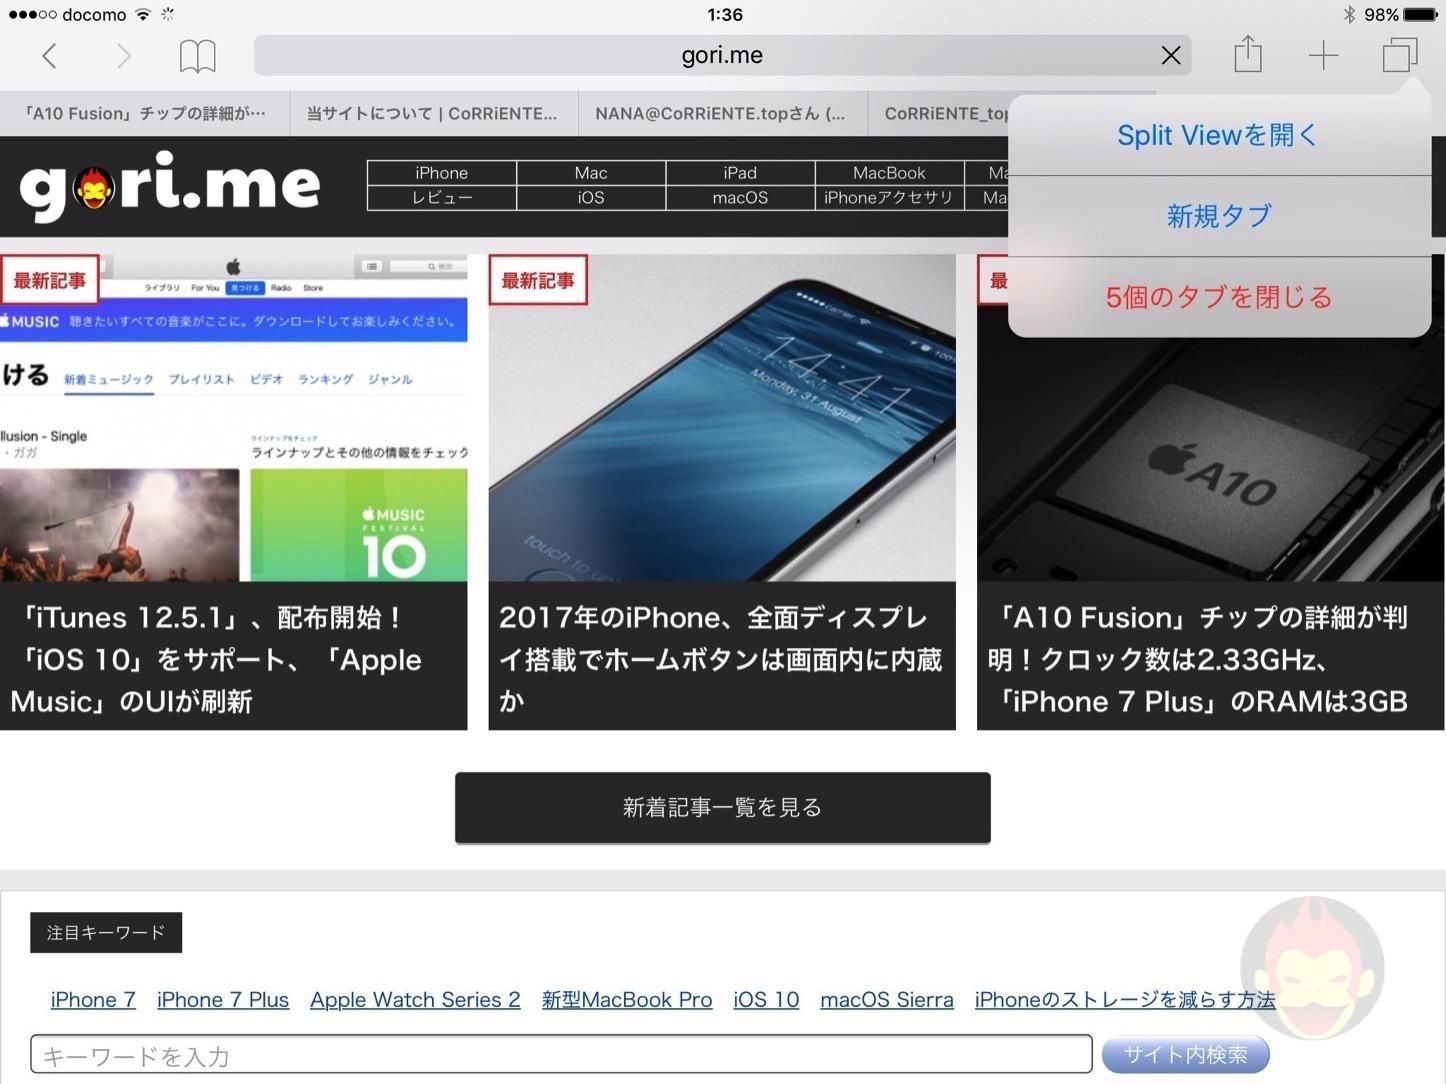 IOS 10 iPad tips